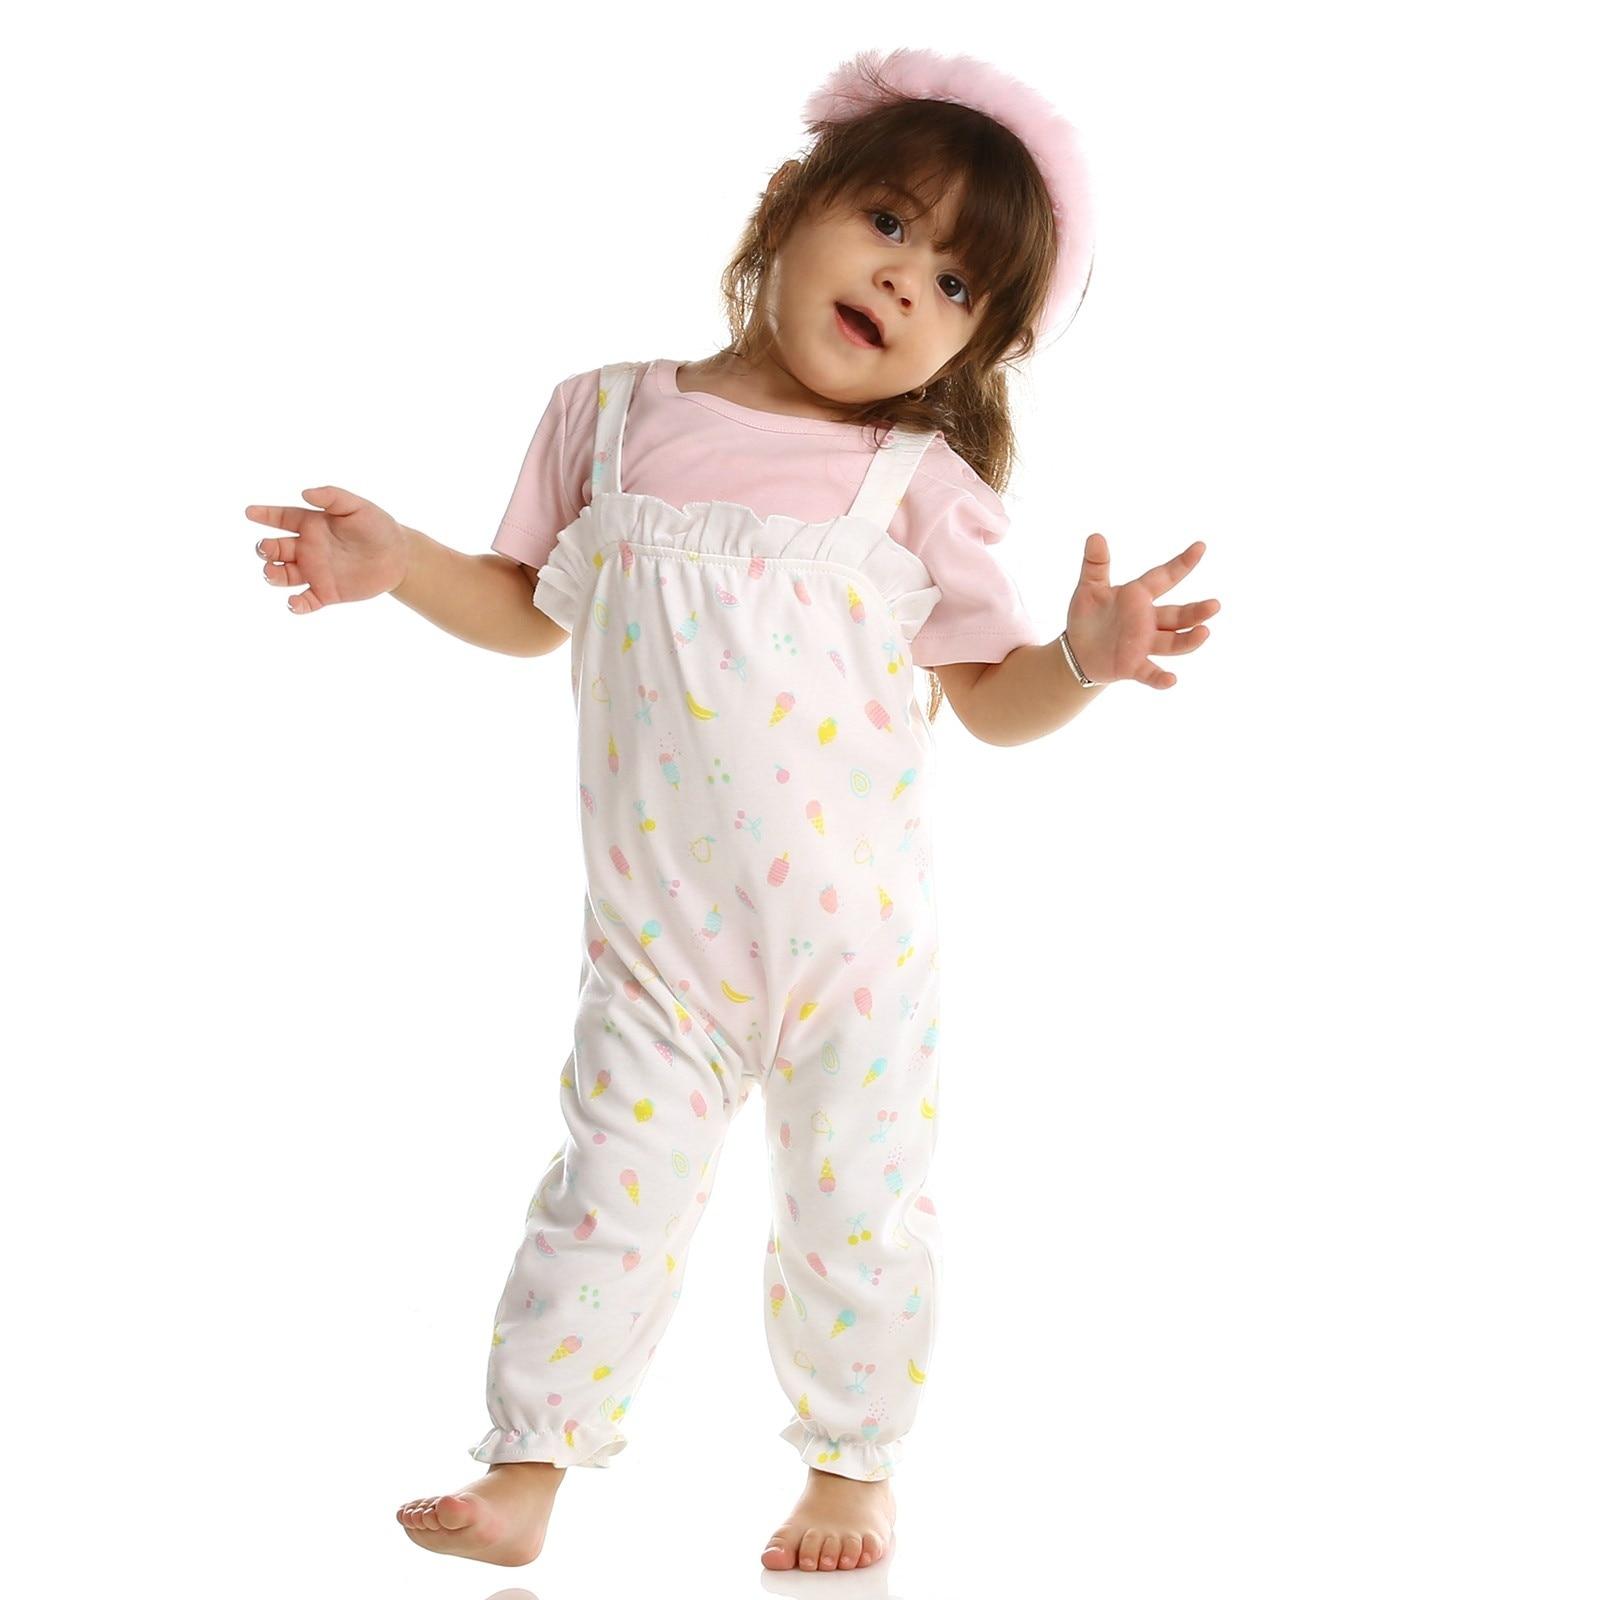 Ebebek HelloBaby Summer Baby Sweet Fruits Sweatshirt Dungarees Set